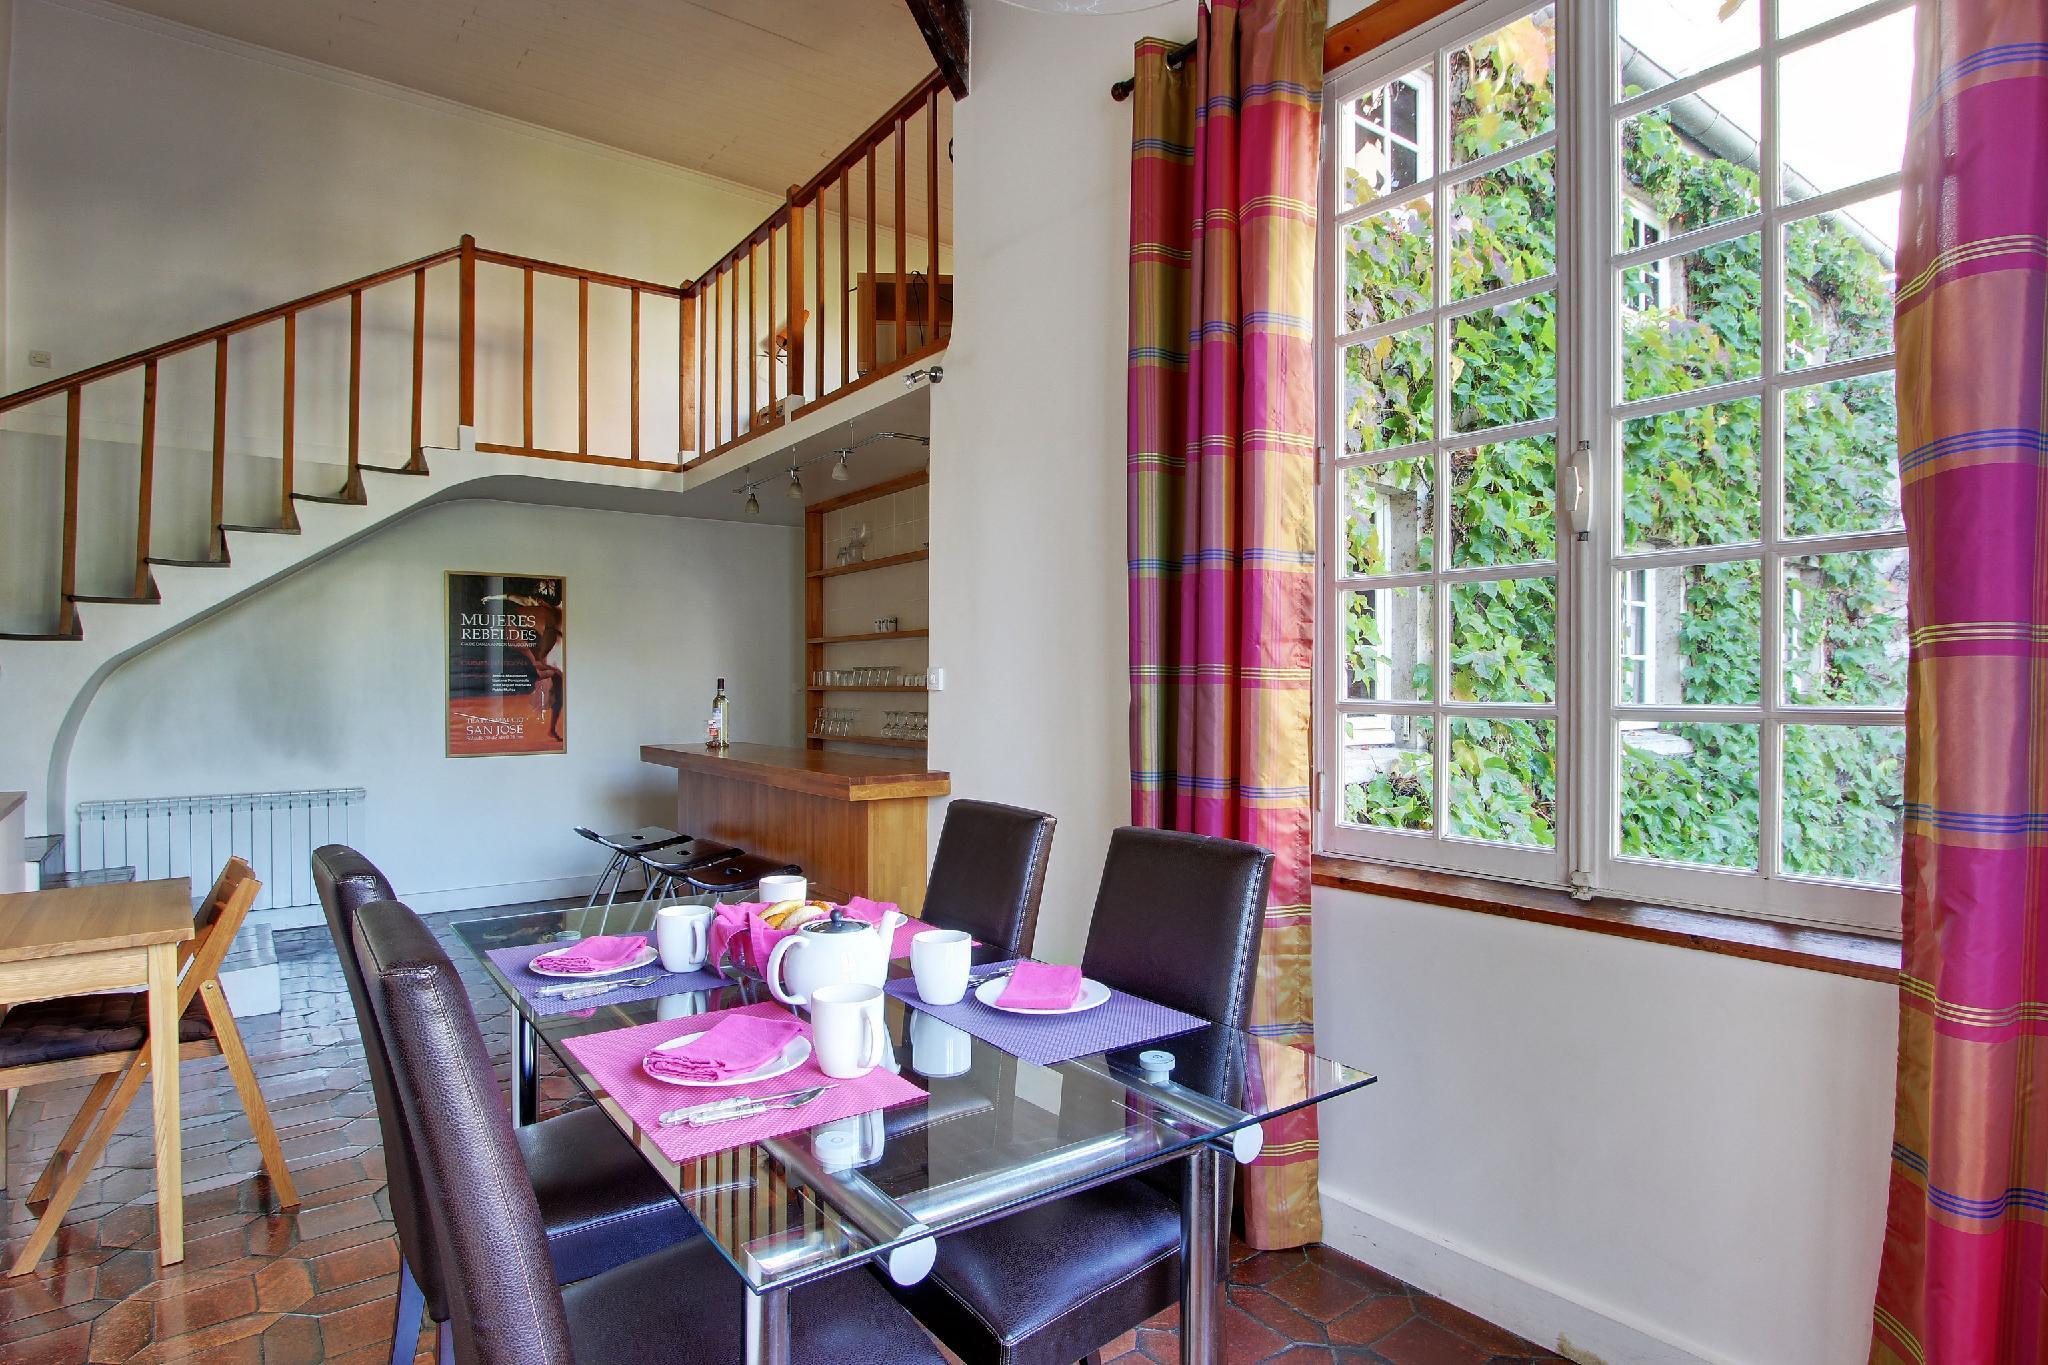 213061 - Duplex apartment near Jardin des Plantes